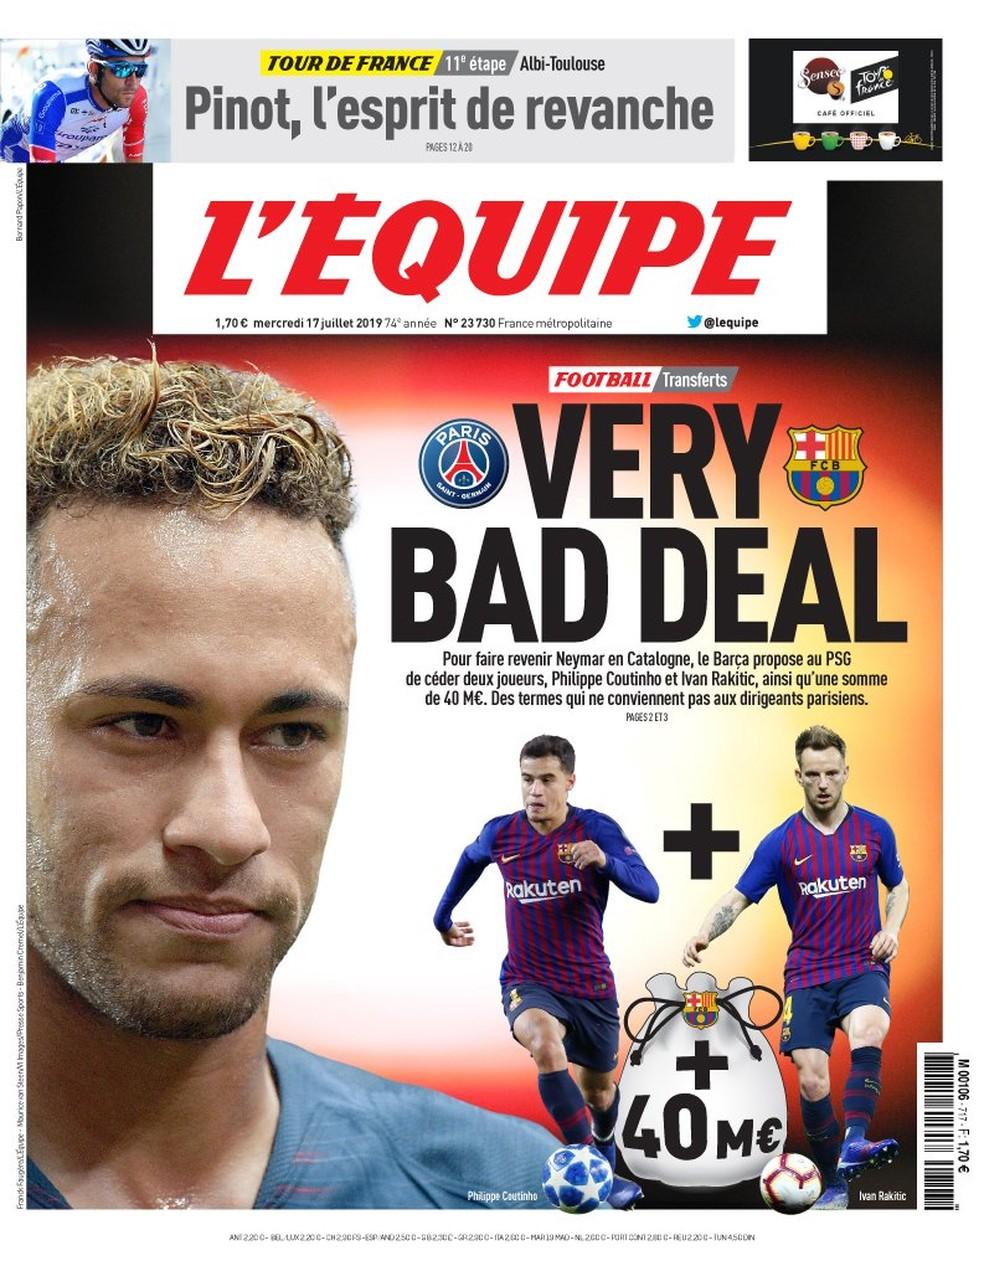 """Capa do """"L'Equipe"""": Coutinho + Rakitic + 40 milhões de euros por Neymar = """"Negócio muito ruim"""", na visão do PSG — Foto: Reprodução/L'Equipe"""